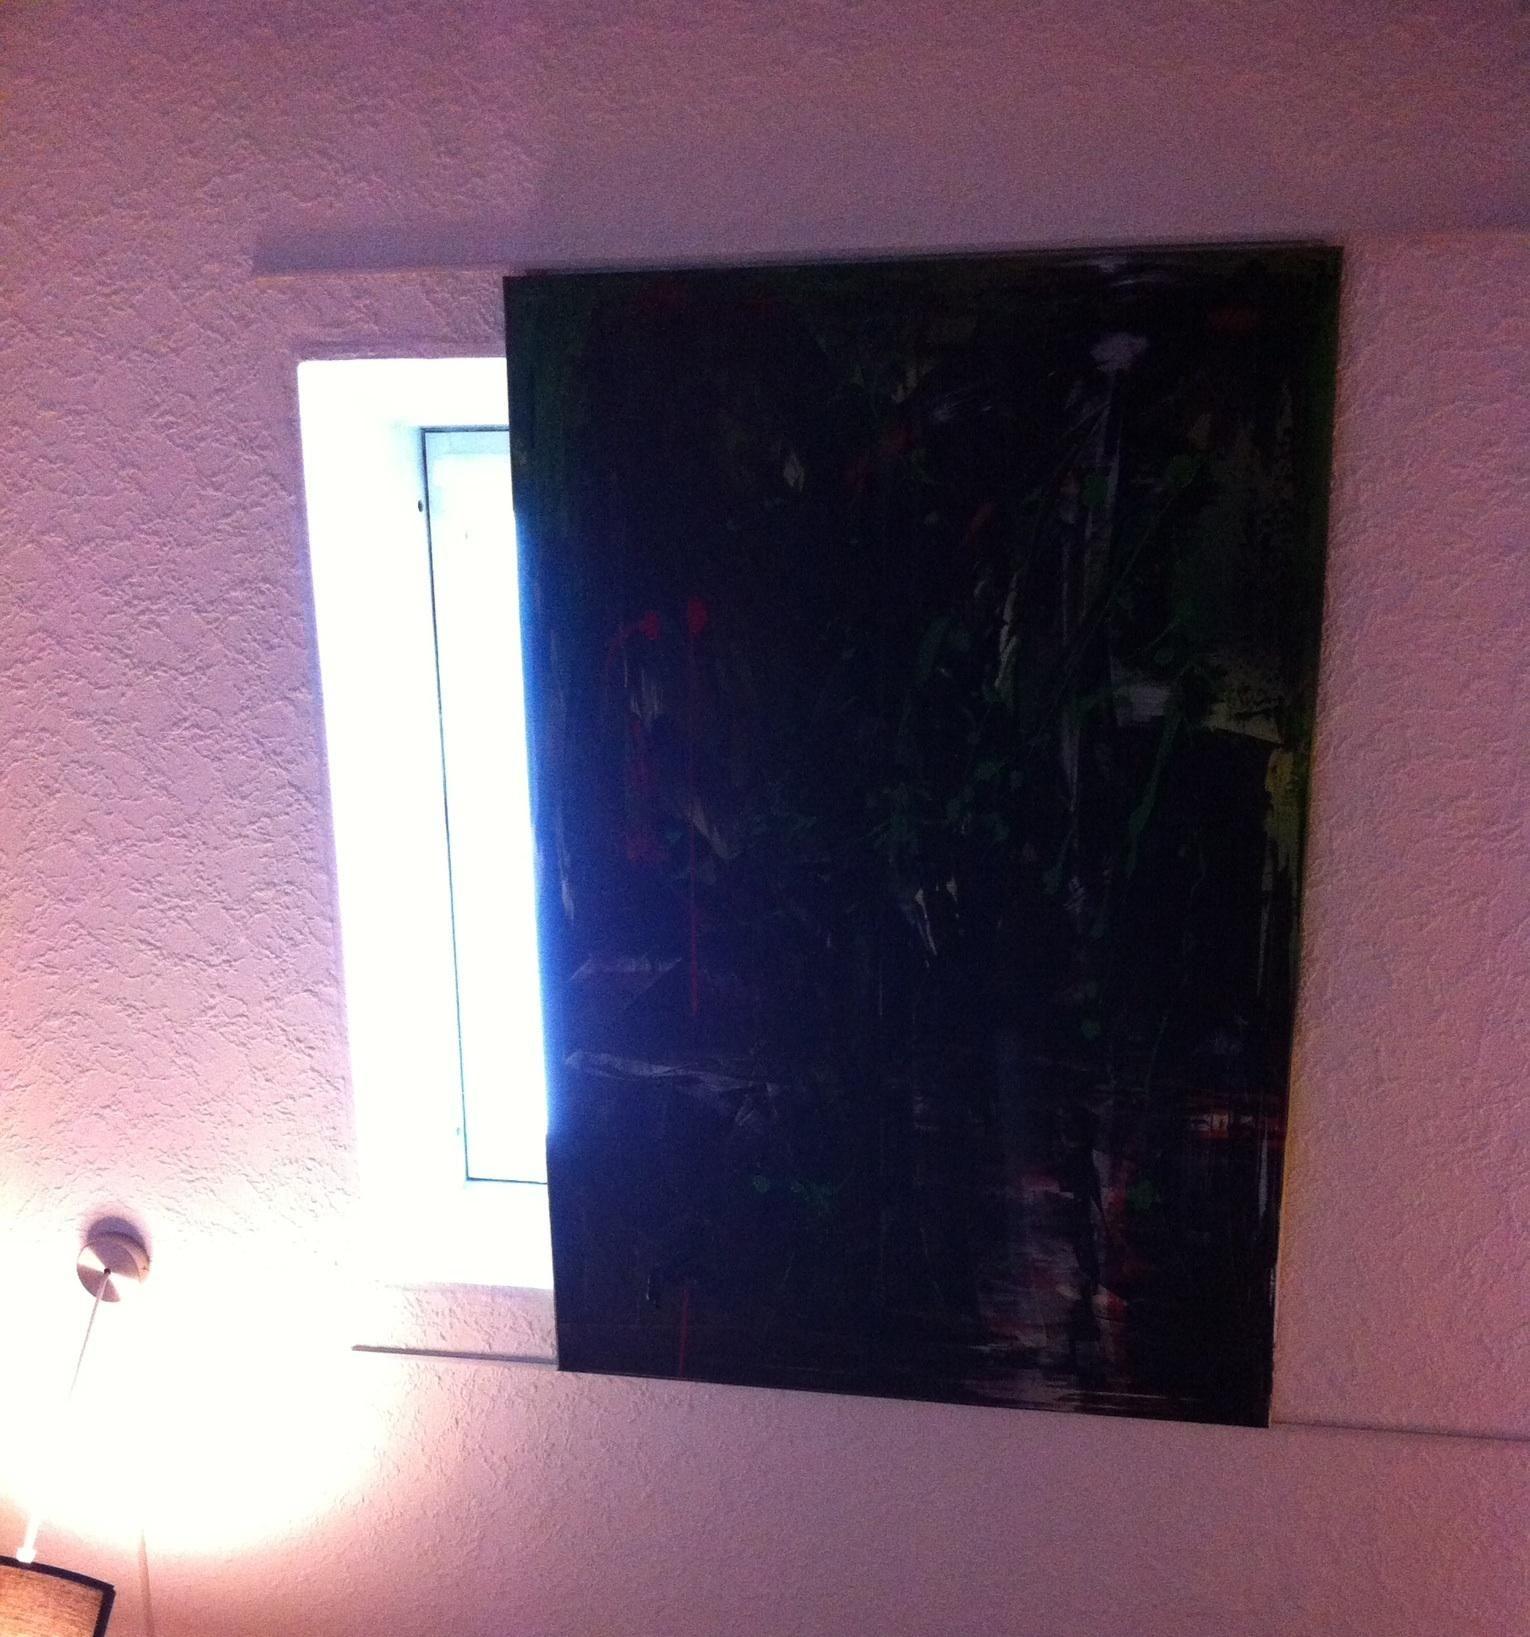 dachfenster mit leinwandbild selbst verdunkeln | nähen ot - ideen